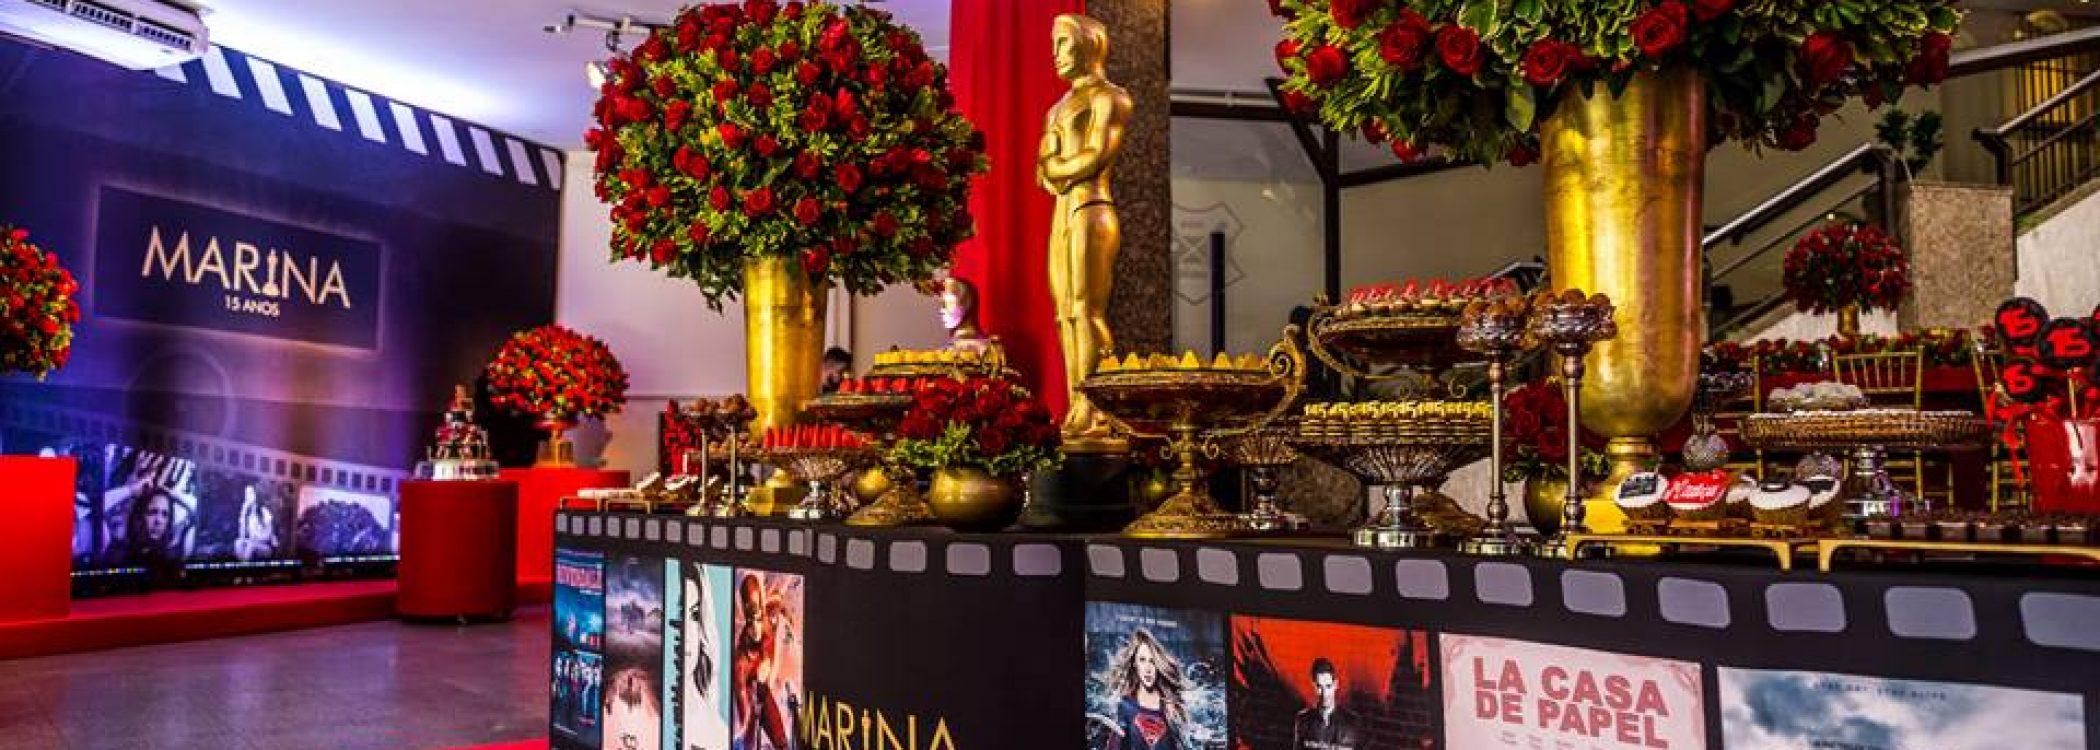 mesa-de-doces-forrada-com-filmes-e-series-arranjos-vasos-dourados-flores-vermelhas-tapete-vermelho-festa-tematica-oscar